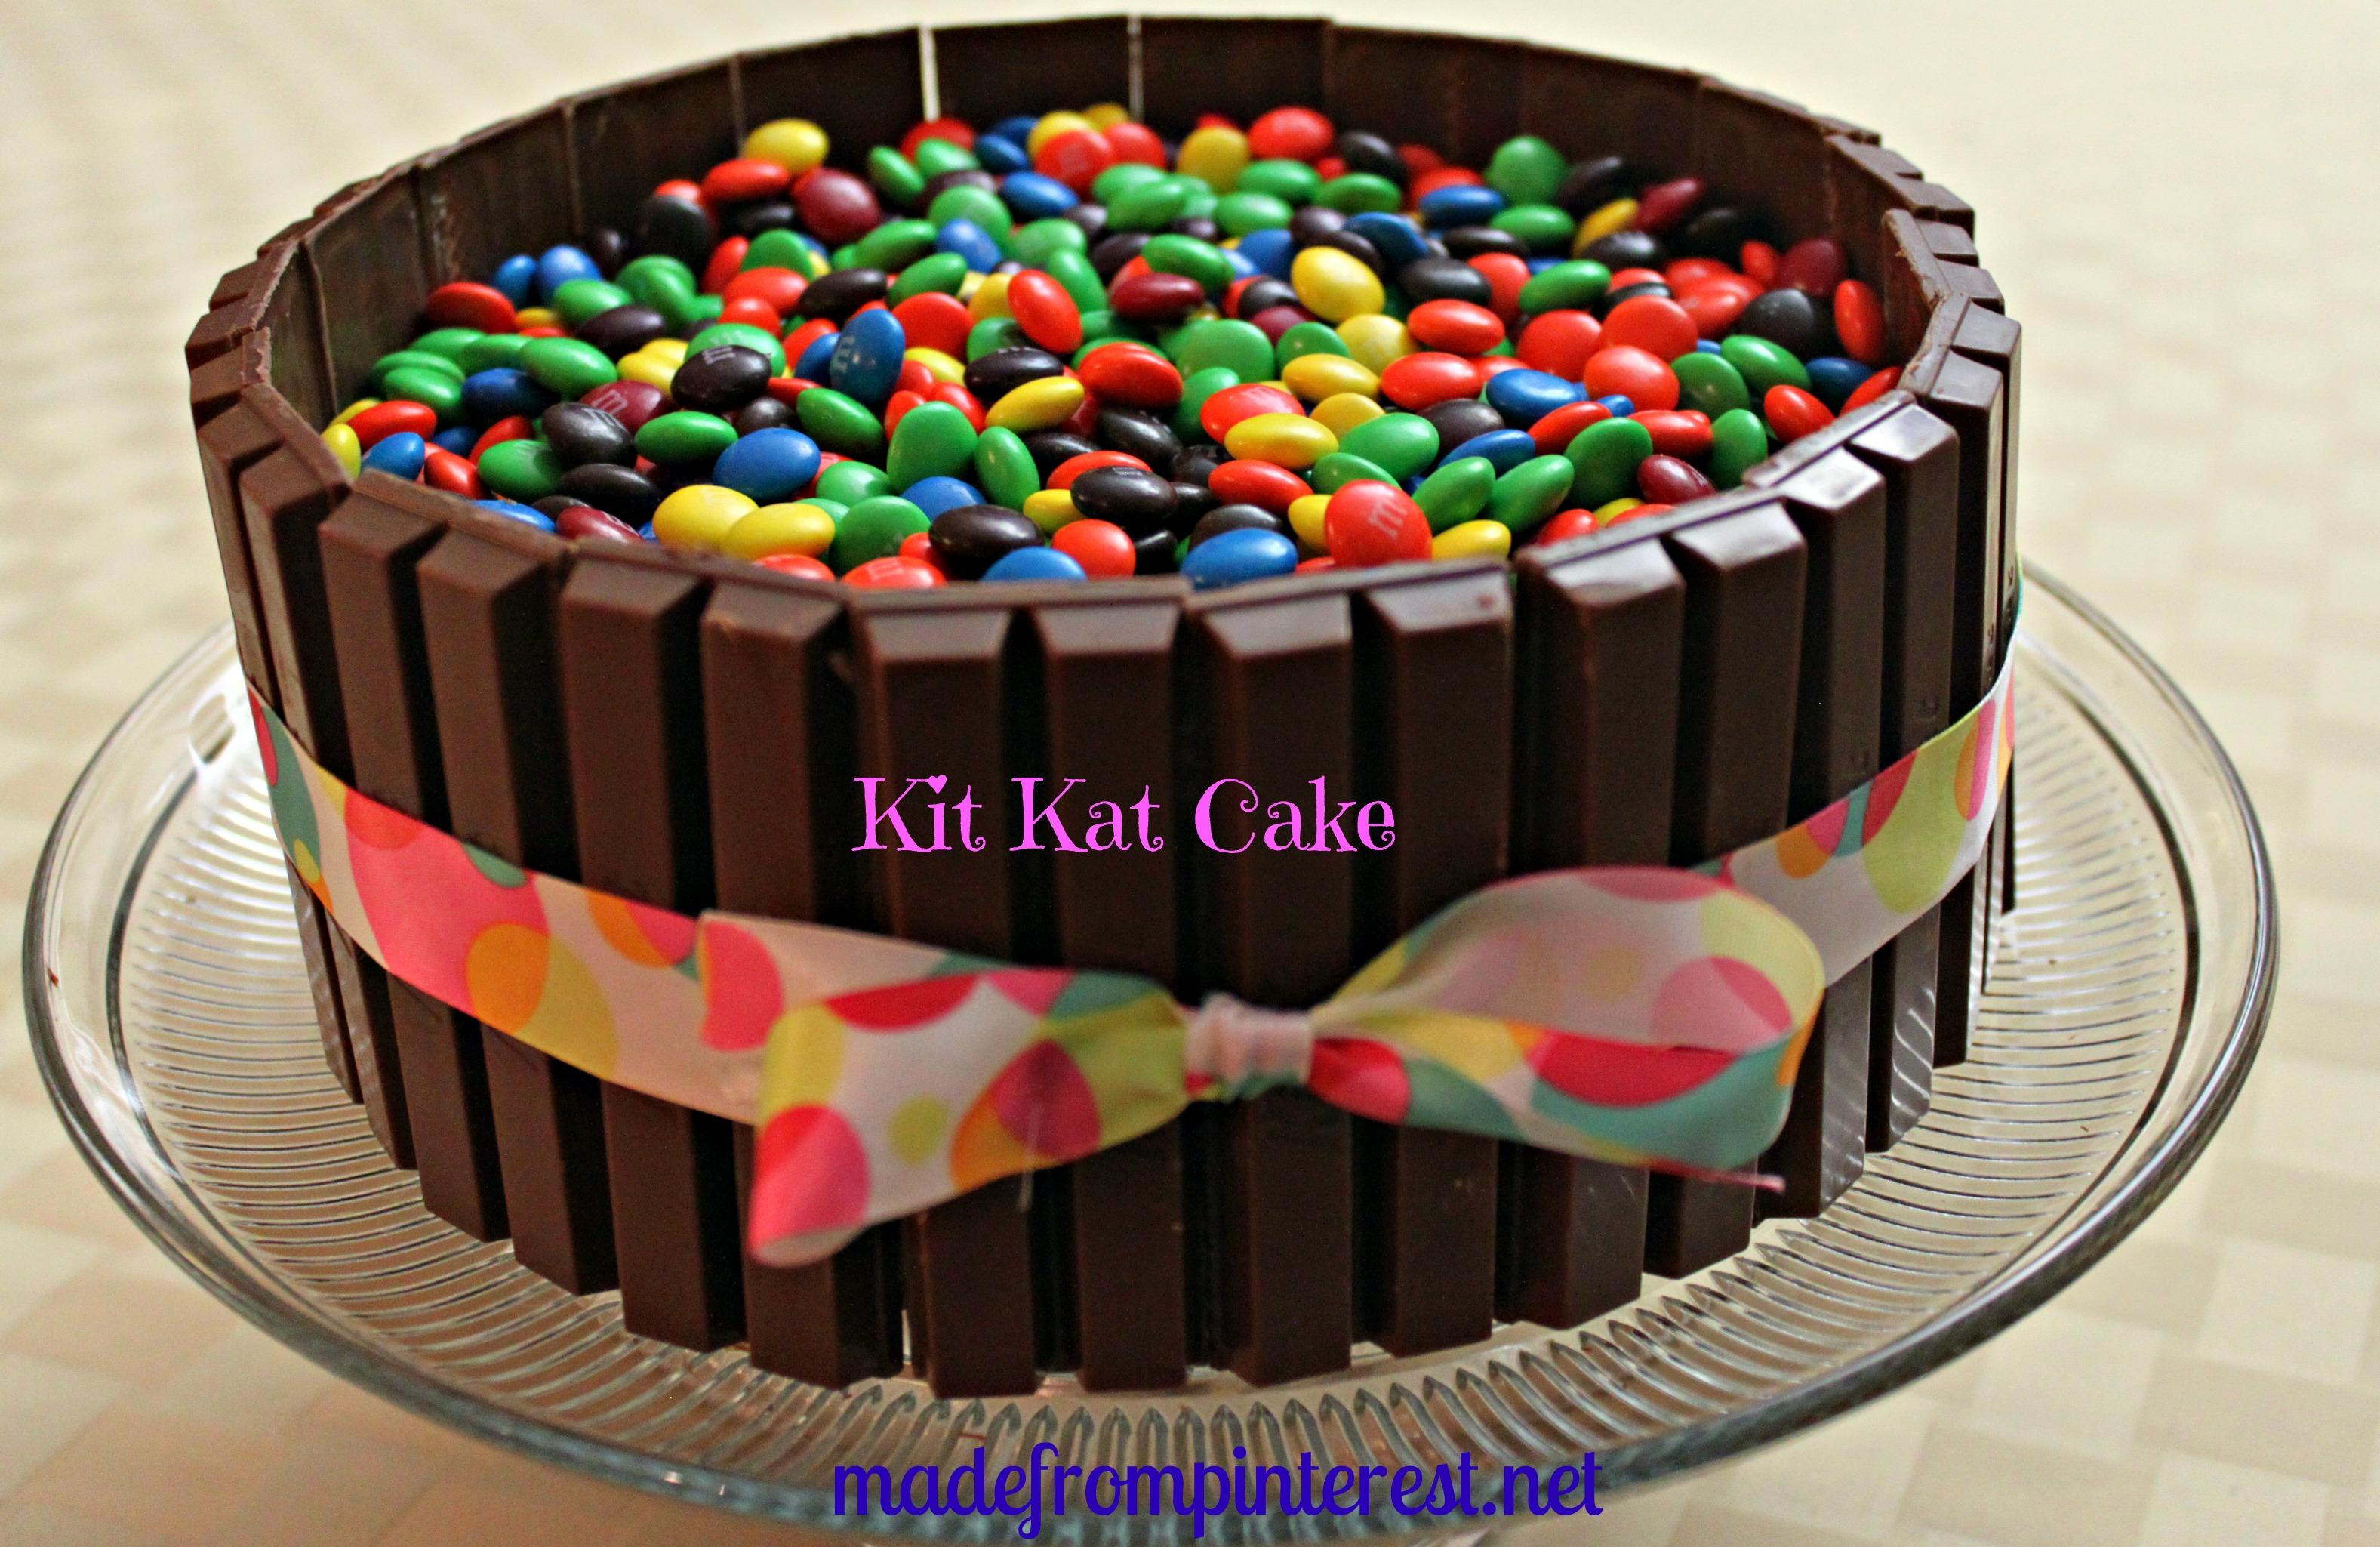 Kit Kat Cake Frosting Recipe